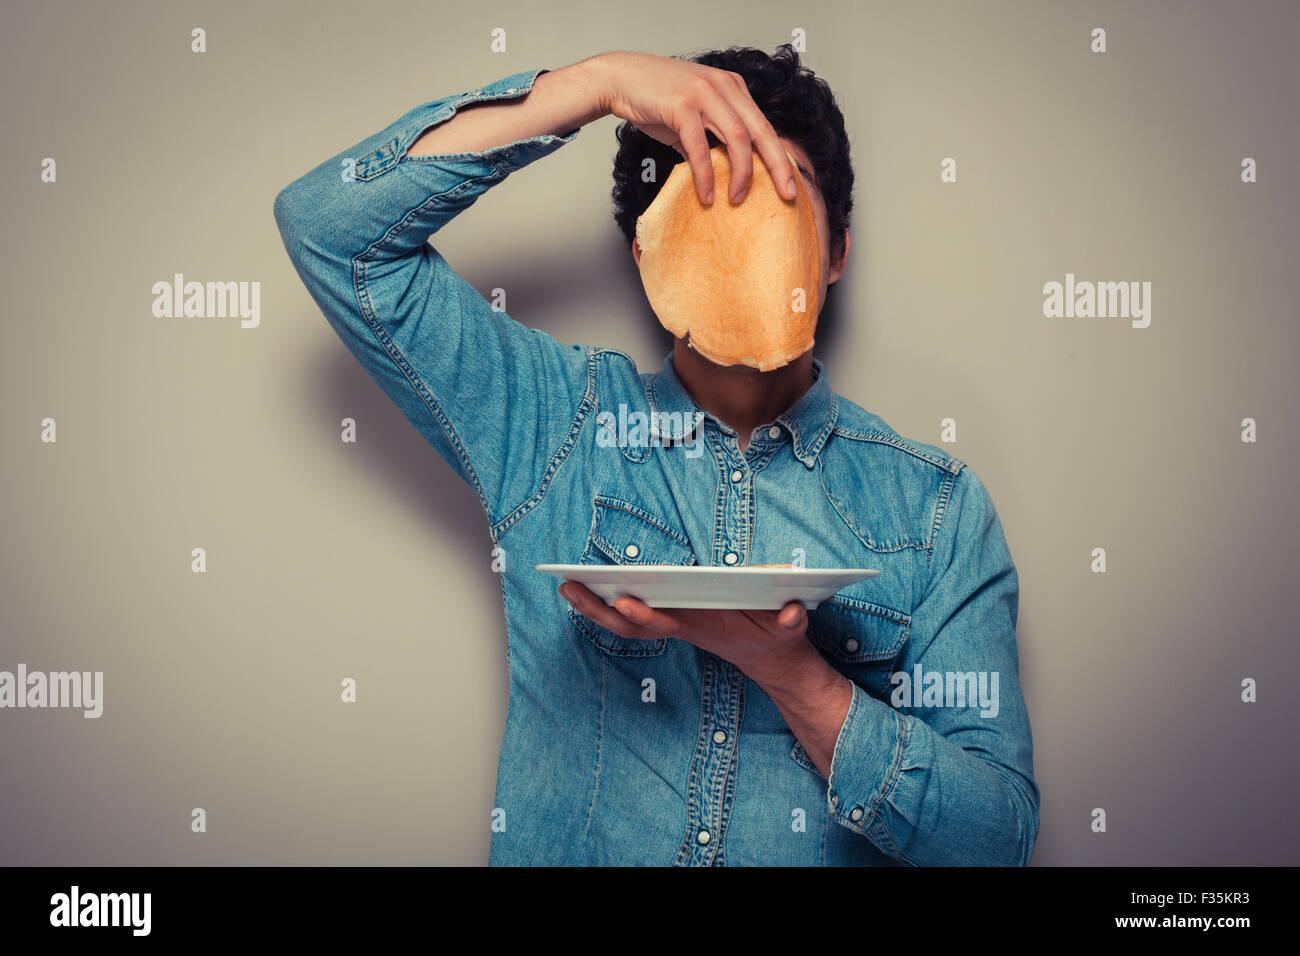 Jeune homme se cache son visage derrière une crêpe Photo Stock